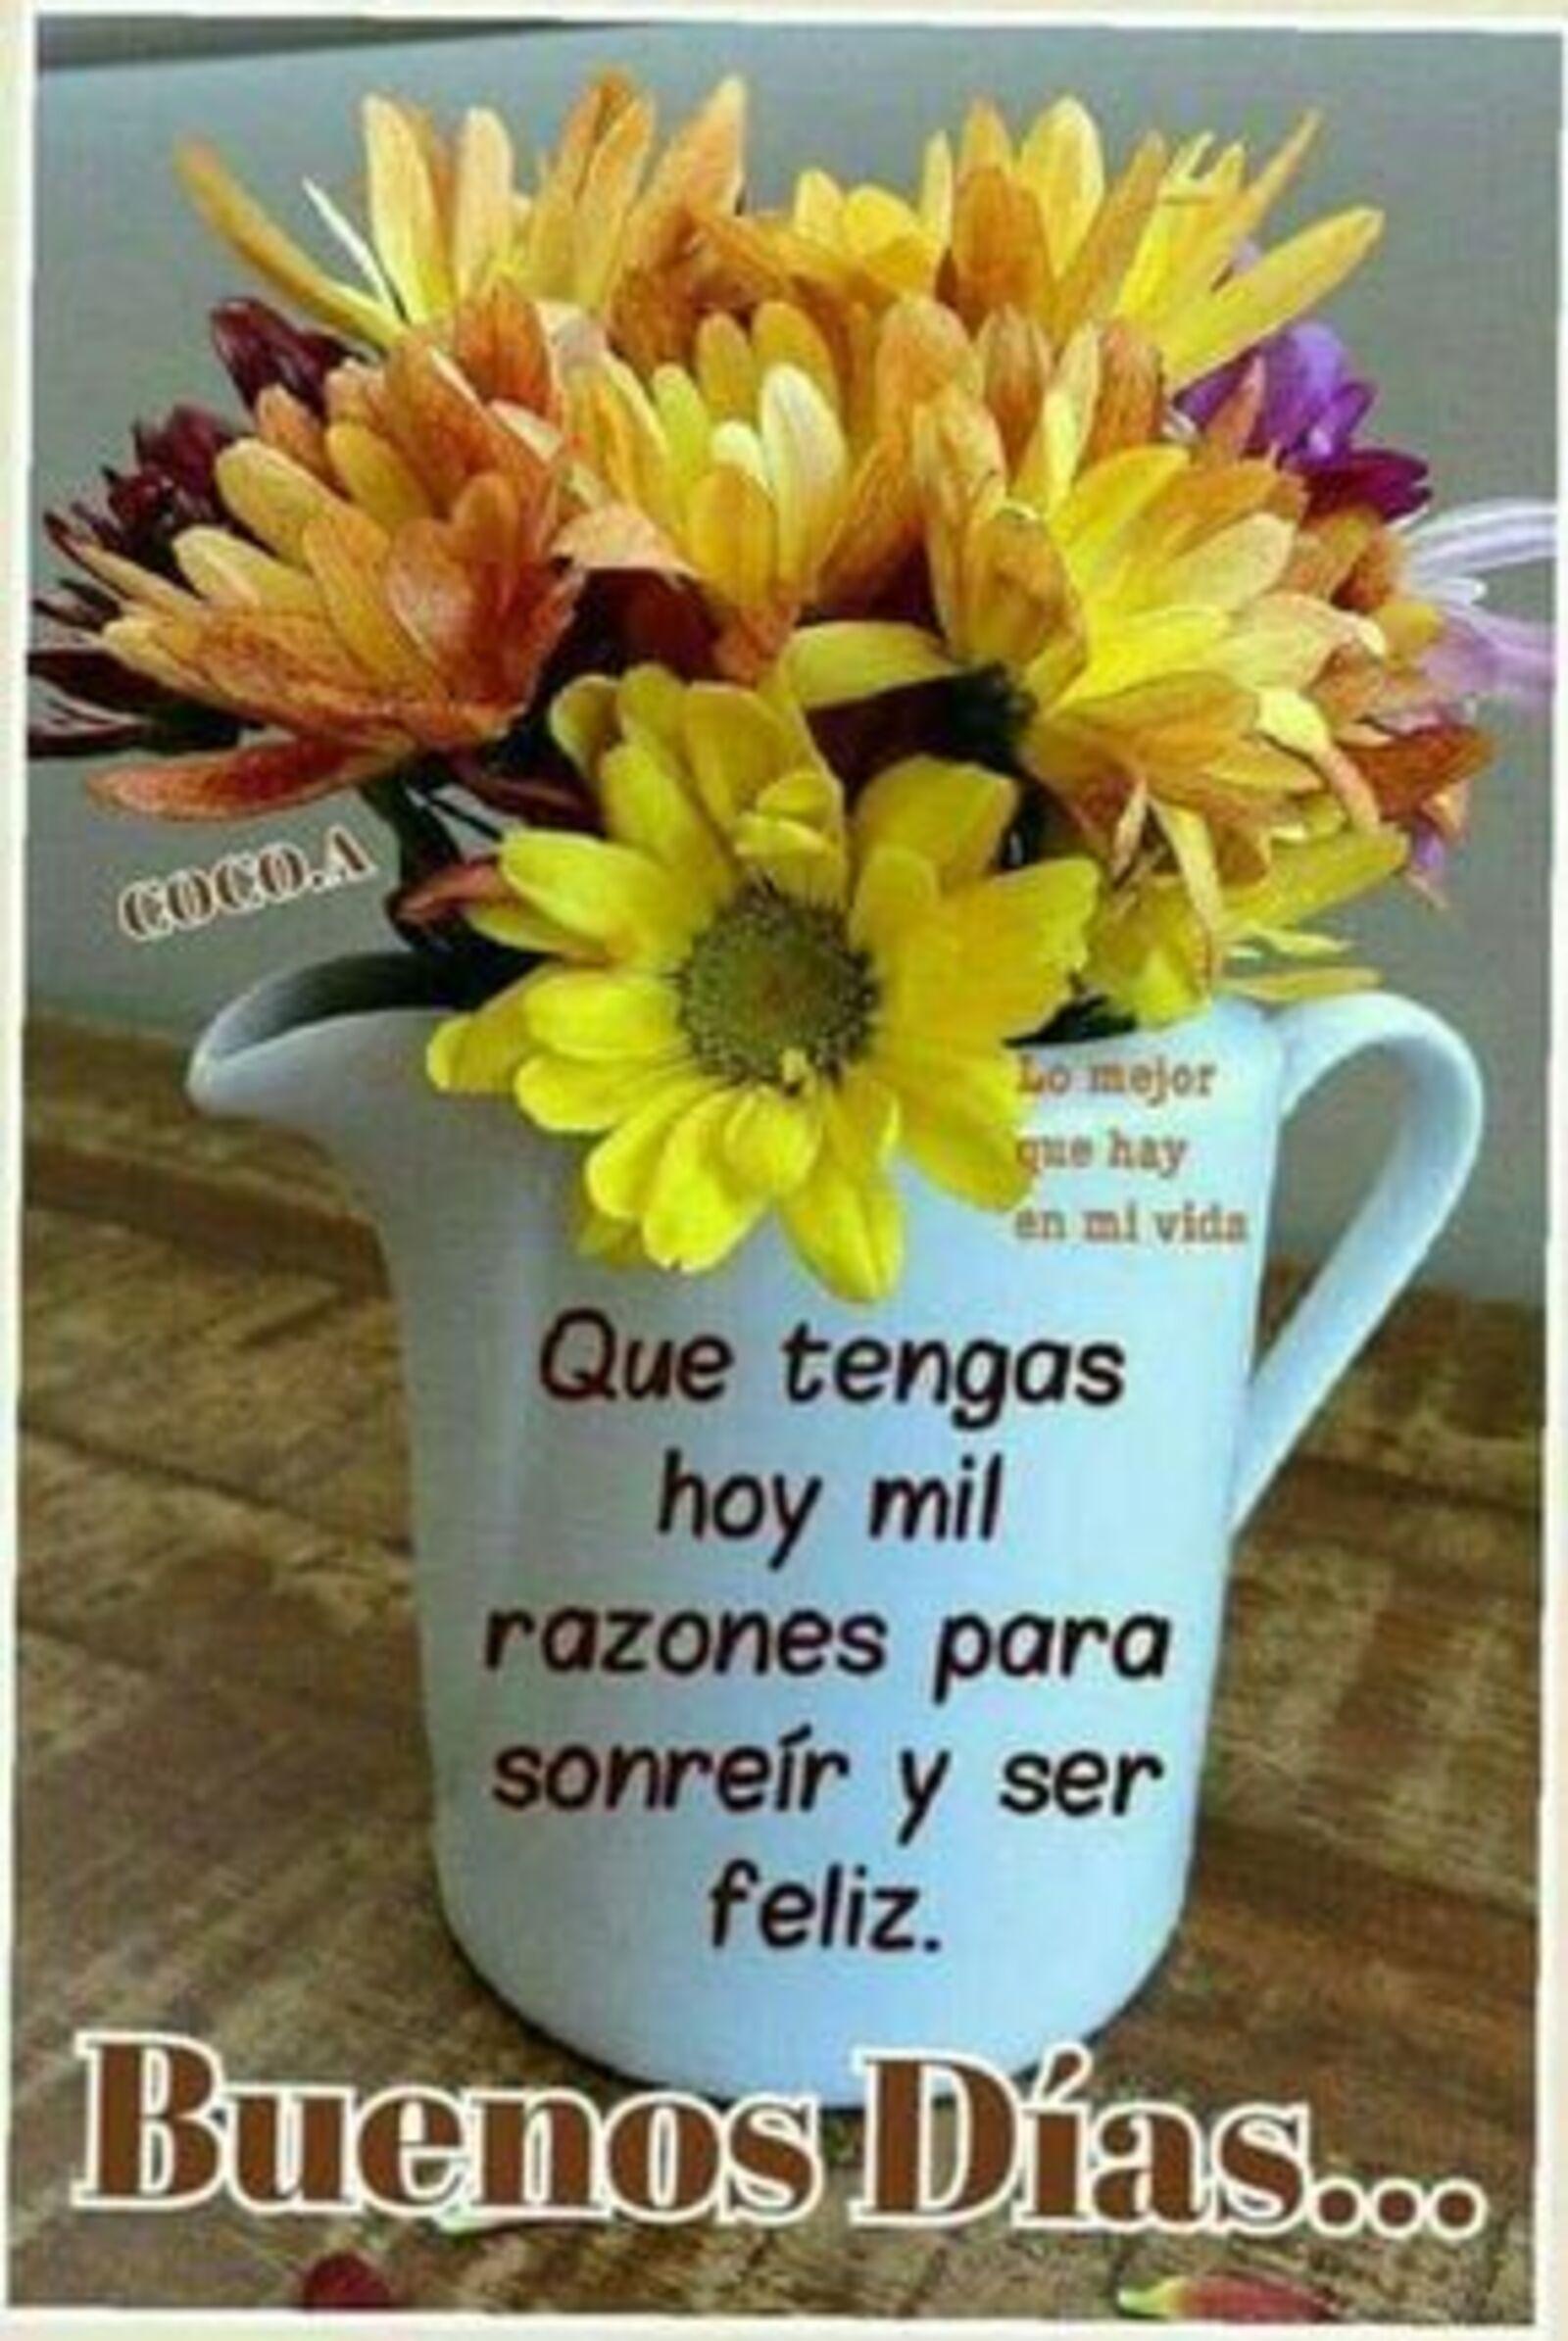 Que tengas hoy mil razones para sonreír y ser feliz. Buenos días